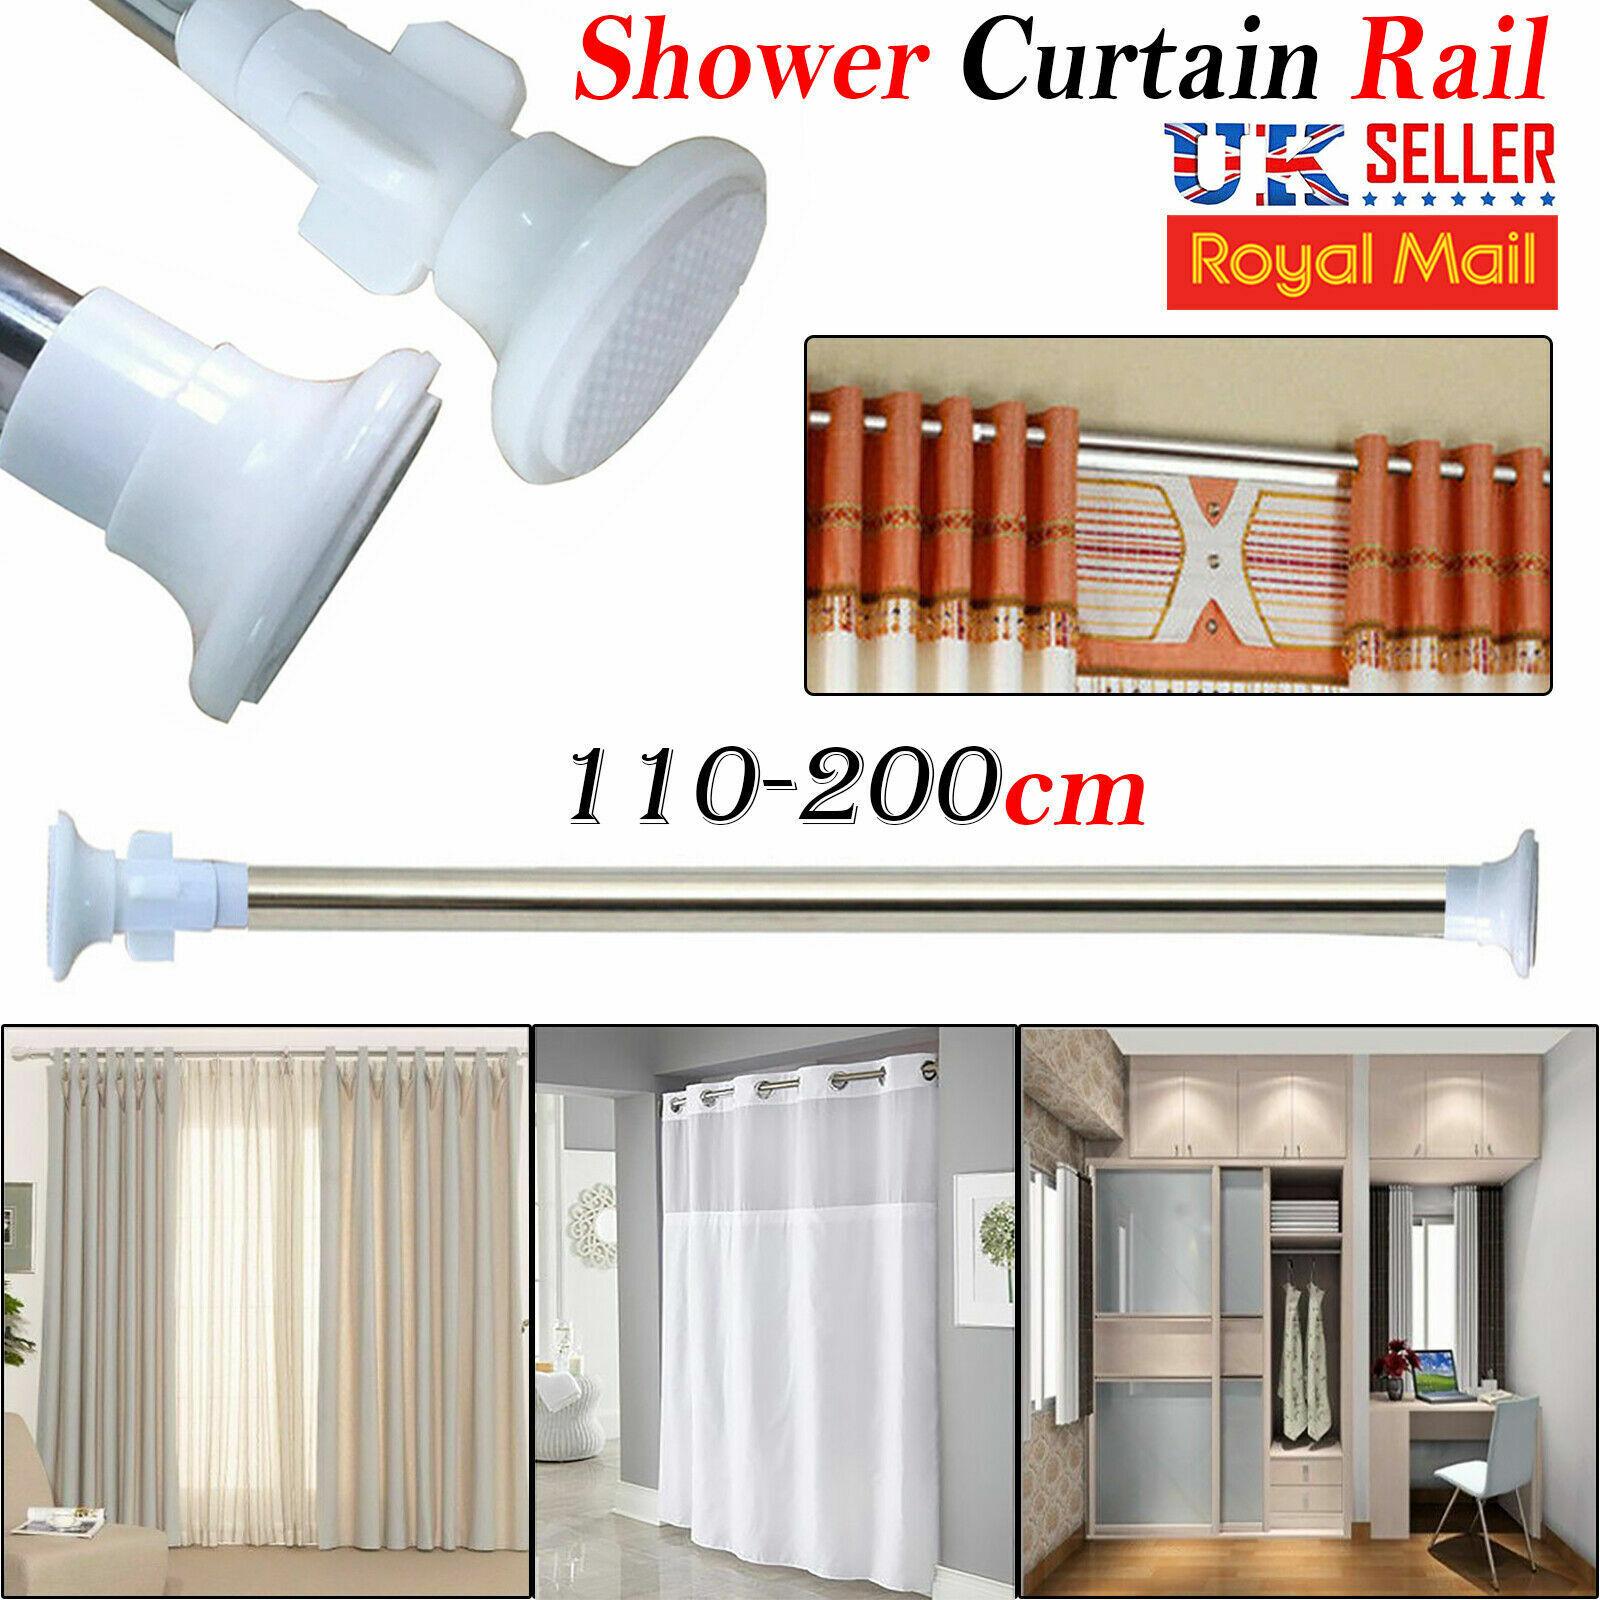 110 200cm Shower Curtain Rail Bath